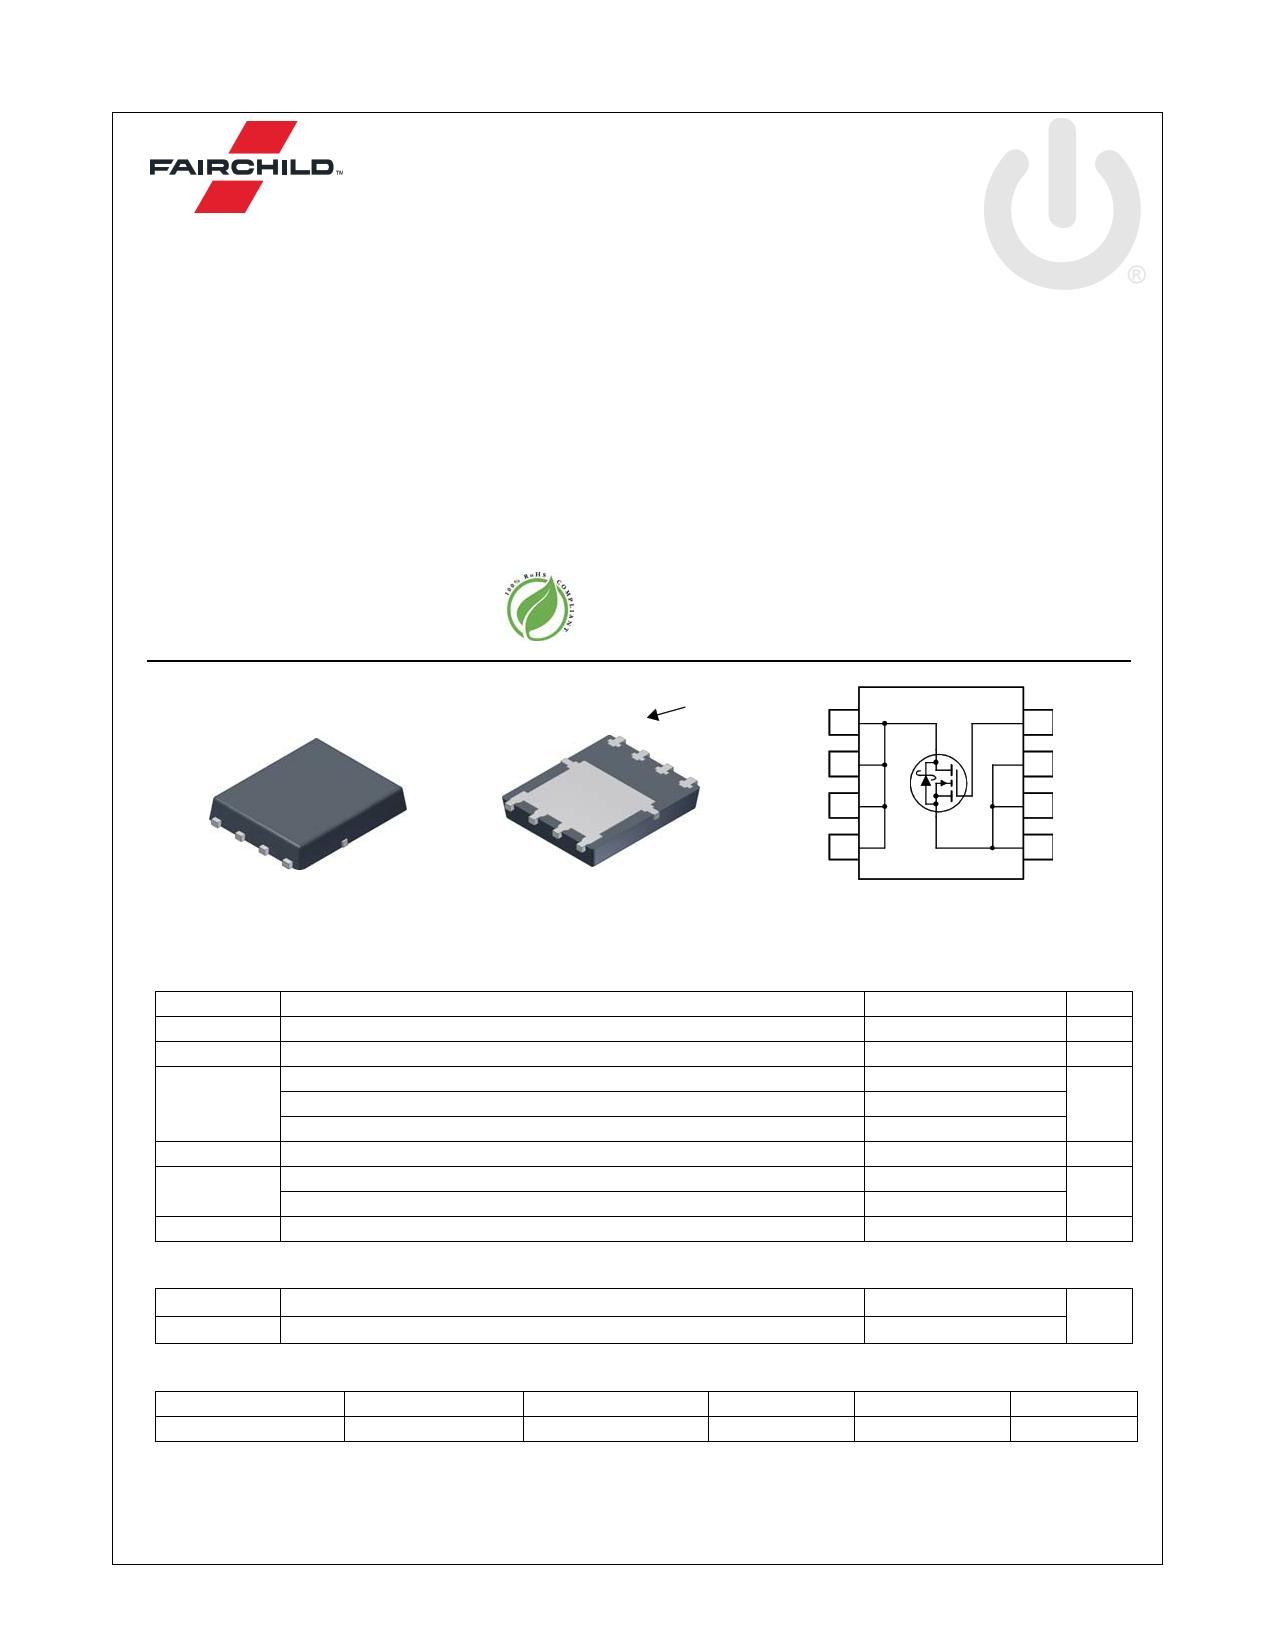 FDMS8570S 데이터시트 및 FDMS8570S PDF